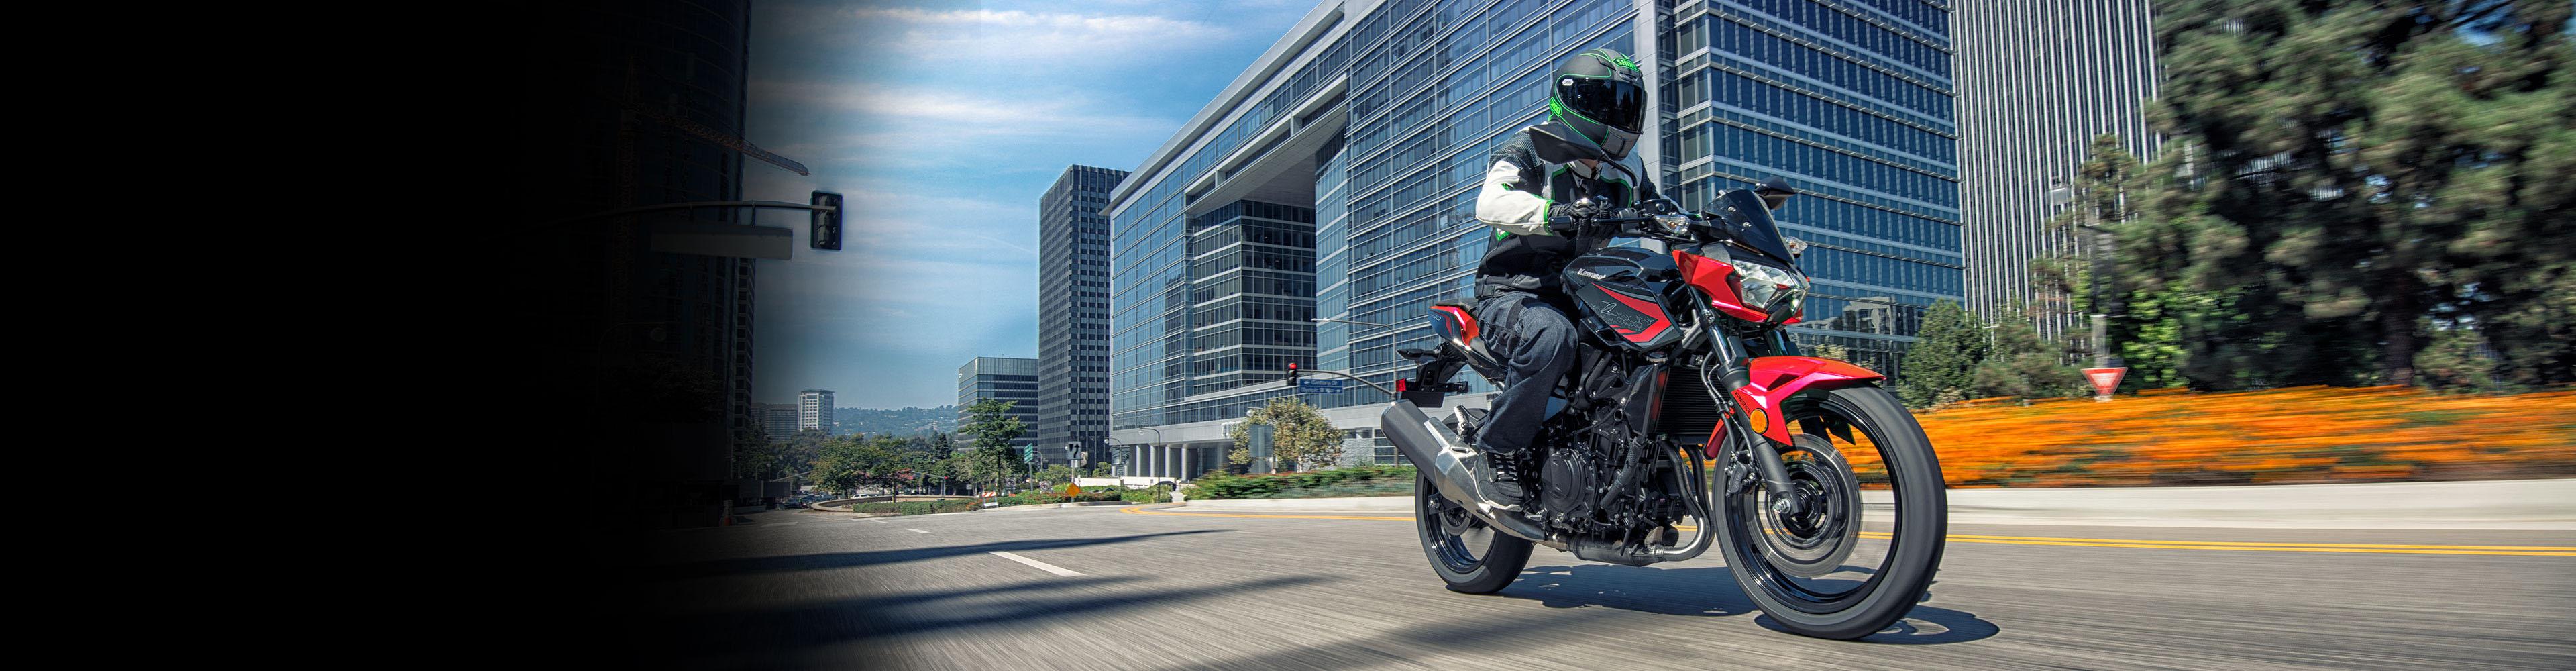 Kawasaki-Z400-modelo-2021-banner